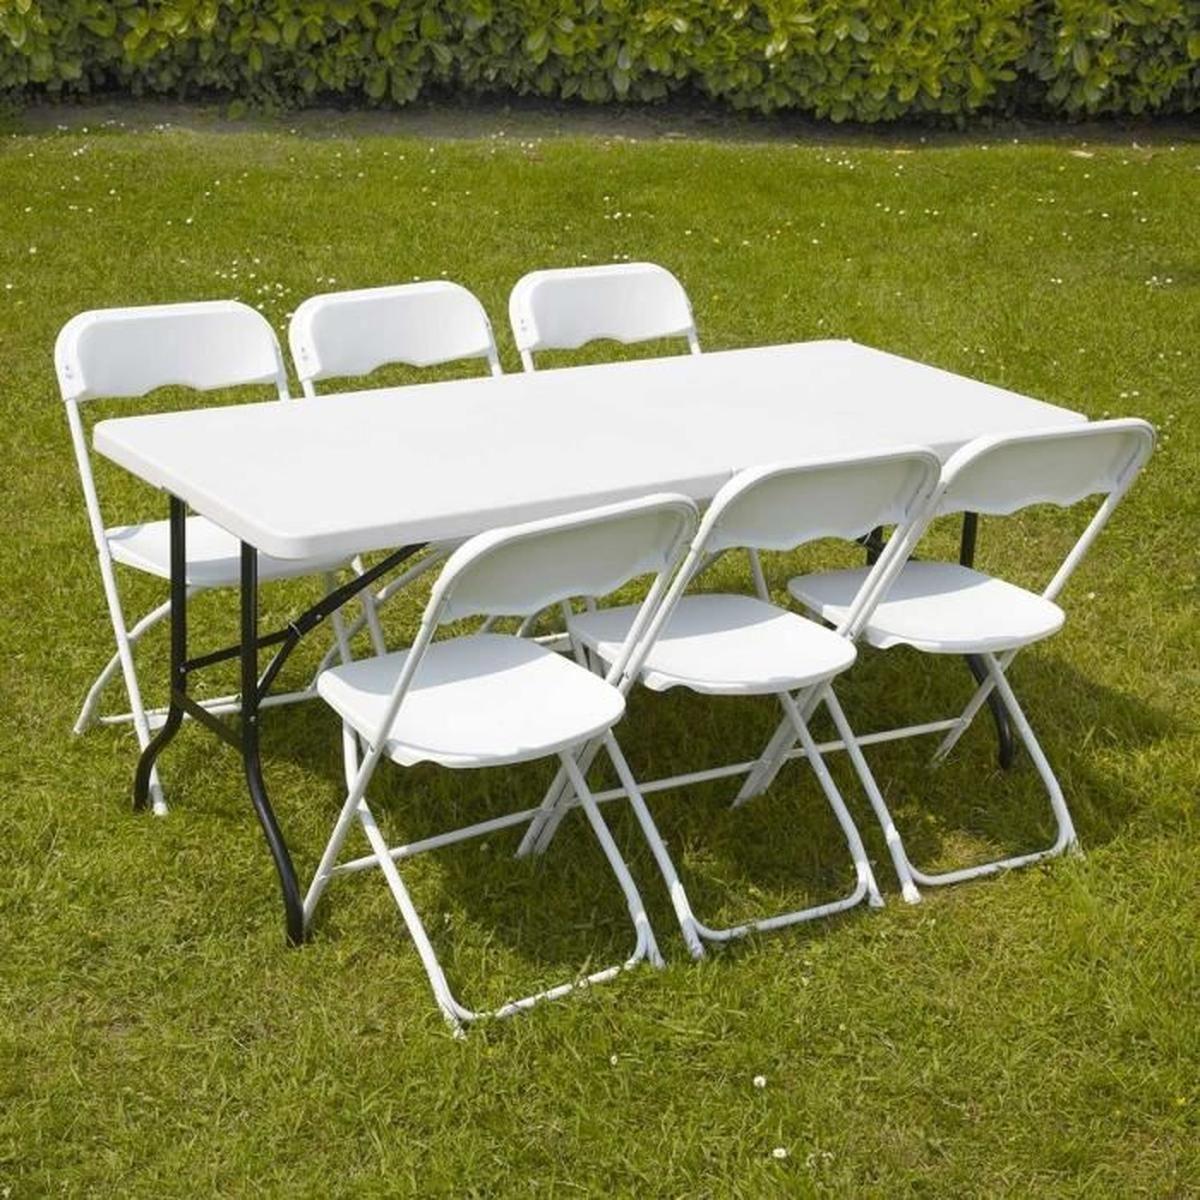 Table Et Chaises Pliantes 6 Personnes - Achat / Vente ... encequiconcerne Ensemble Table Et Chaise De Jardin Pas Cher